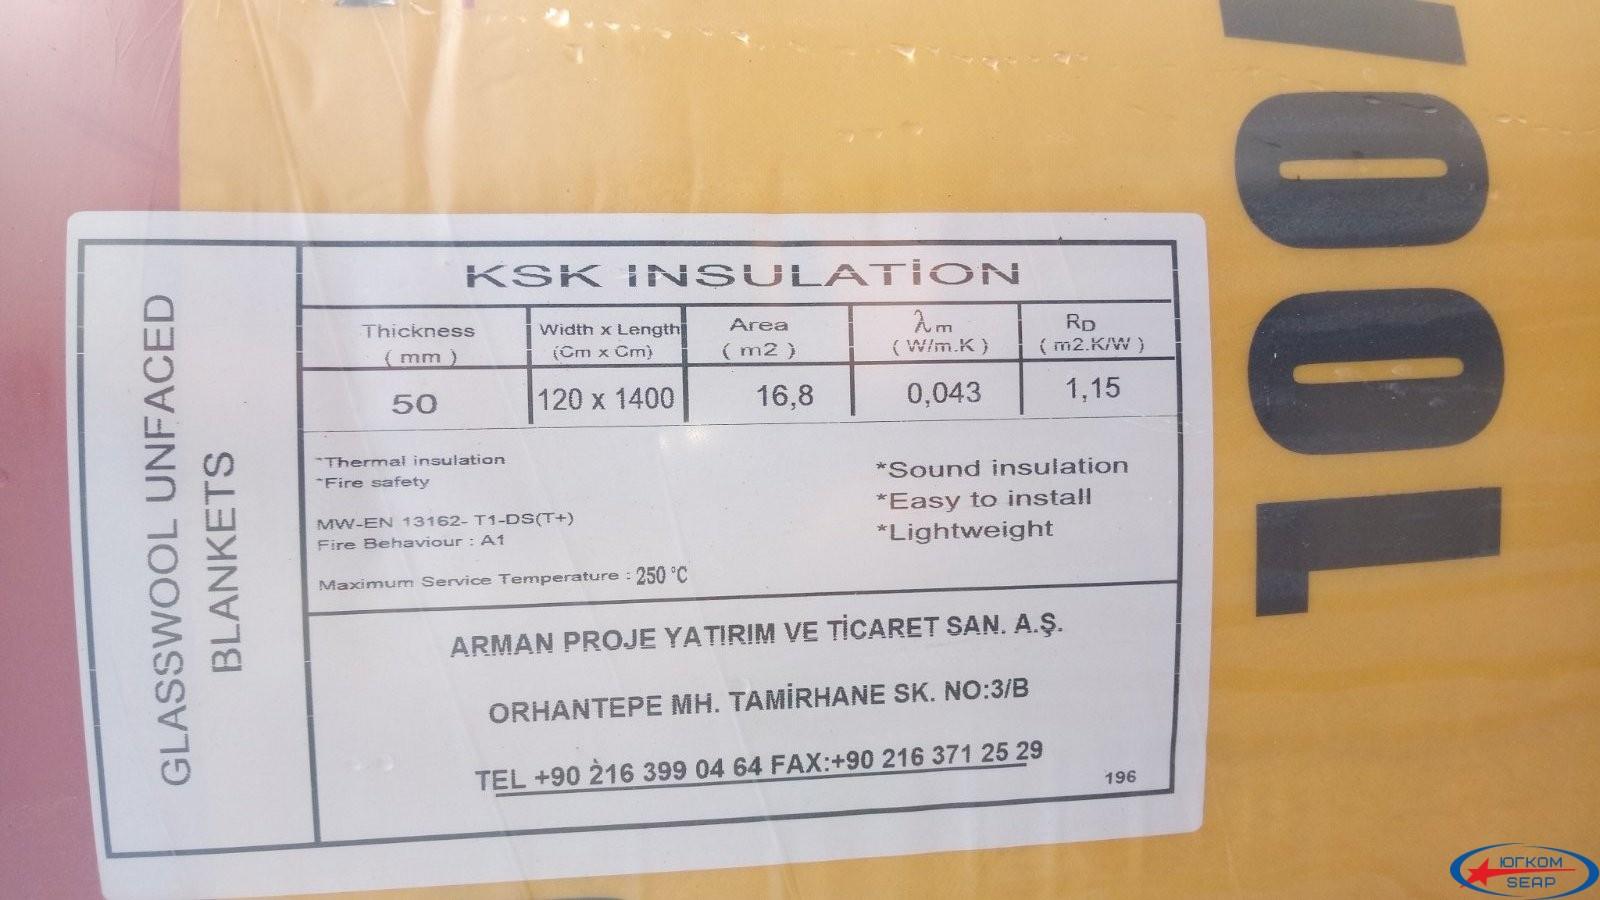 Теплорулон KSK GLASSWOOL 50 мм (1,2м х 7,0м)х2, Турция 16,8м2 - 1